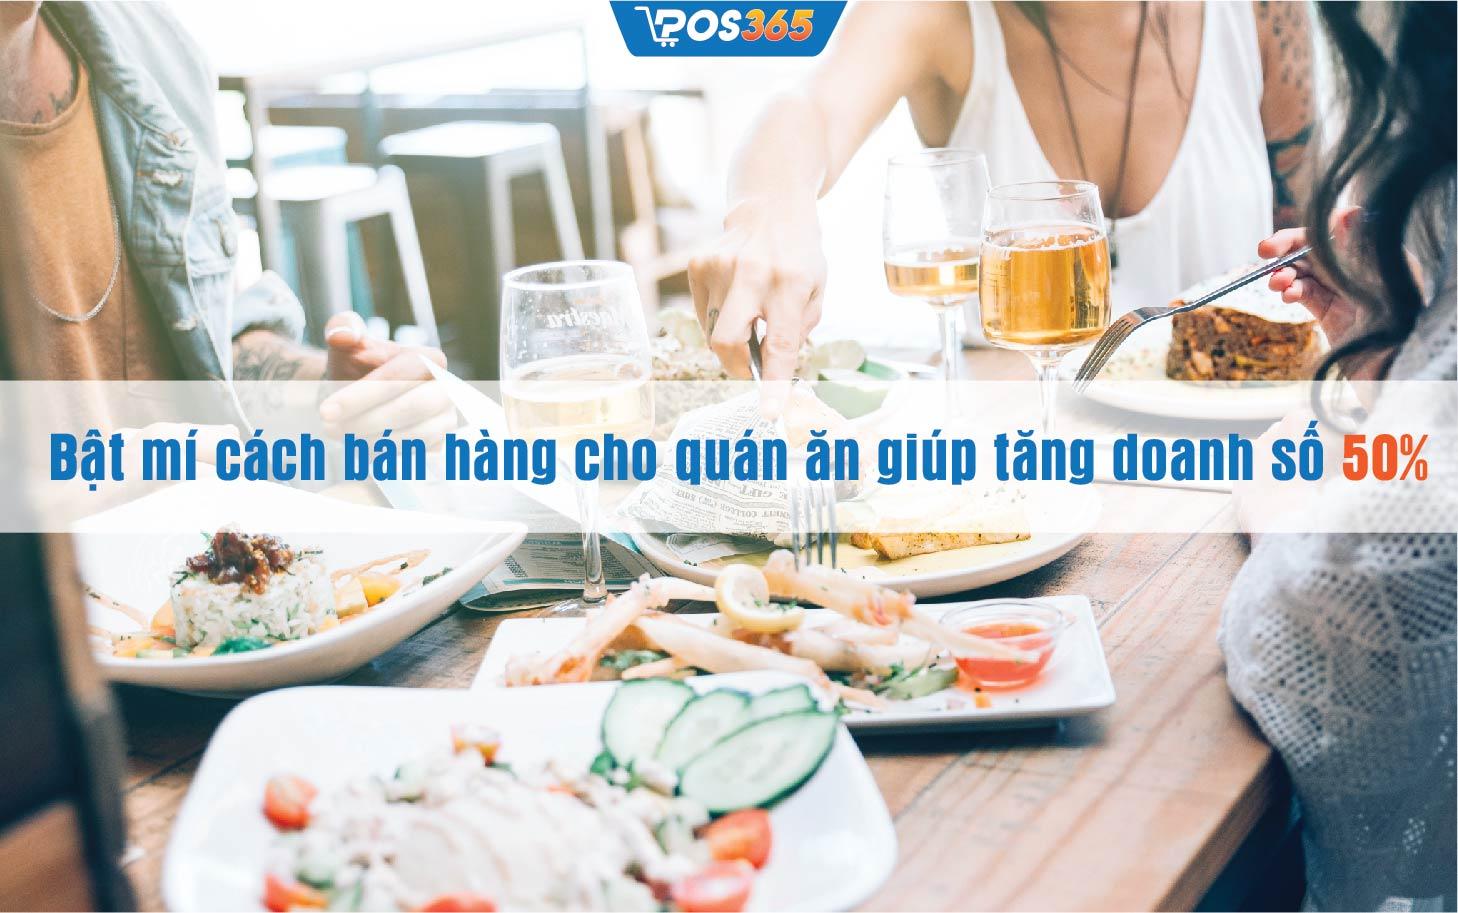 Bật mí cách bán hàng cho quán ăn giúp tăng doanh số 50%